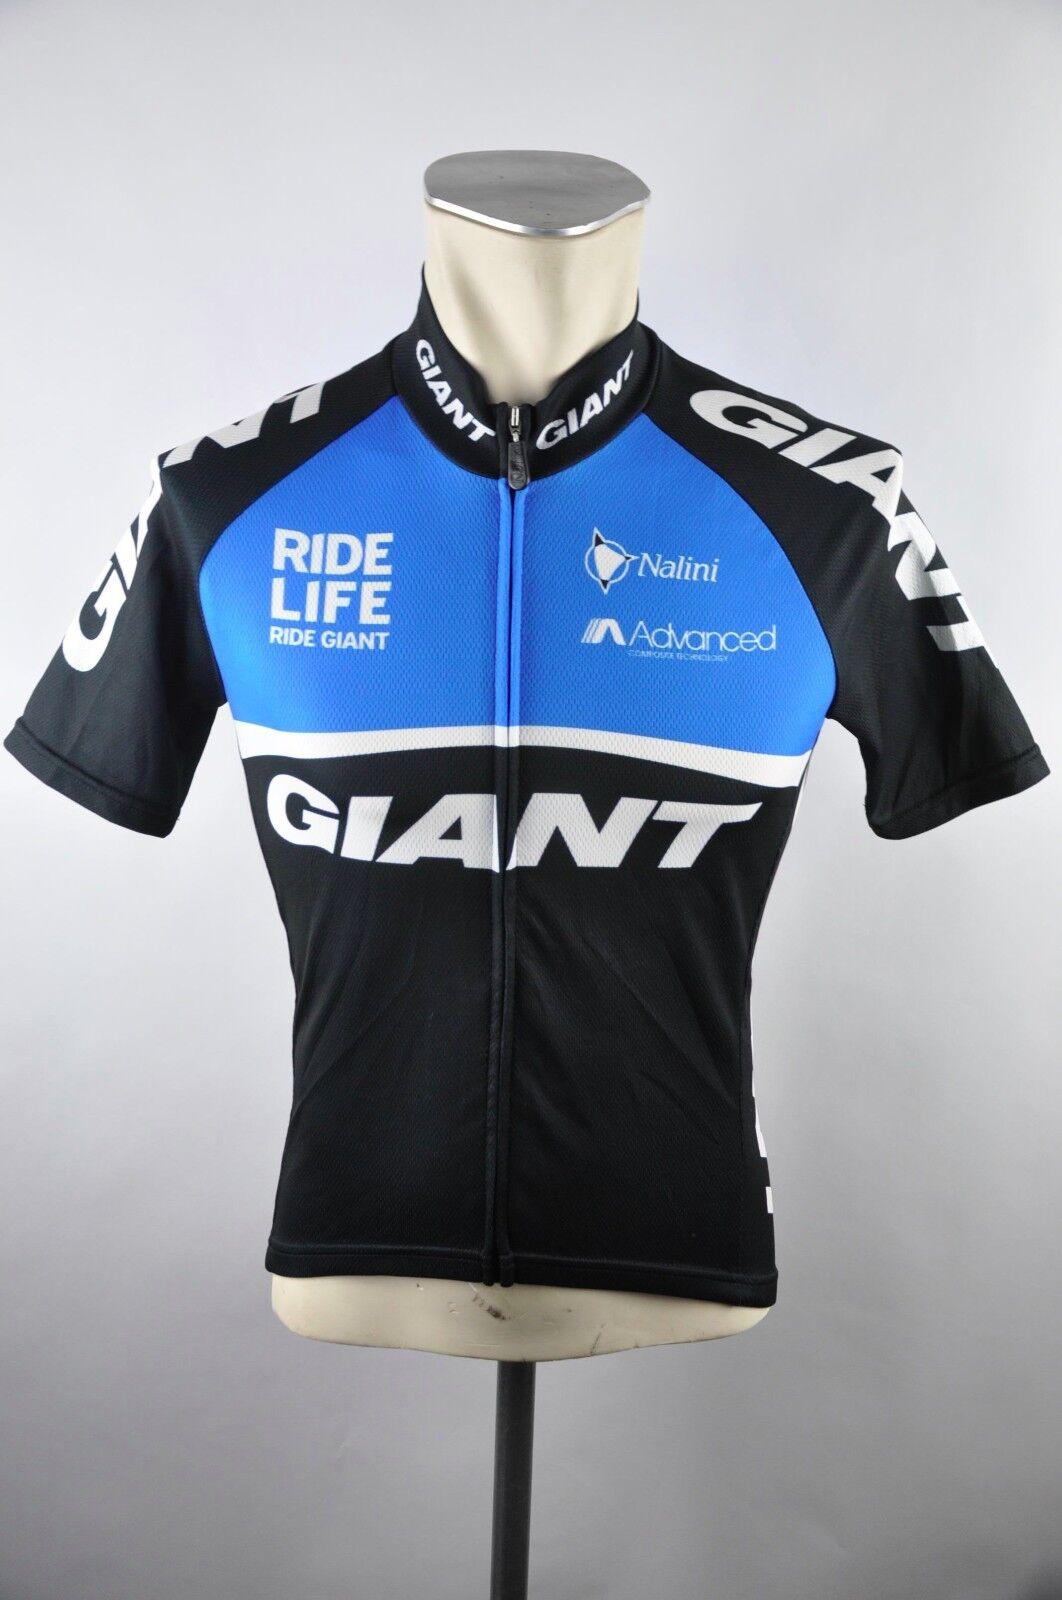 Nalini Radtrikot Trikot cycling jersey maglia Gr. XS 46cm Team Ride Life F12